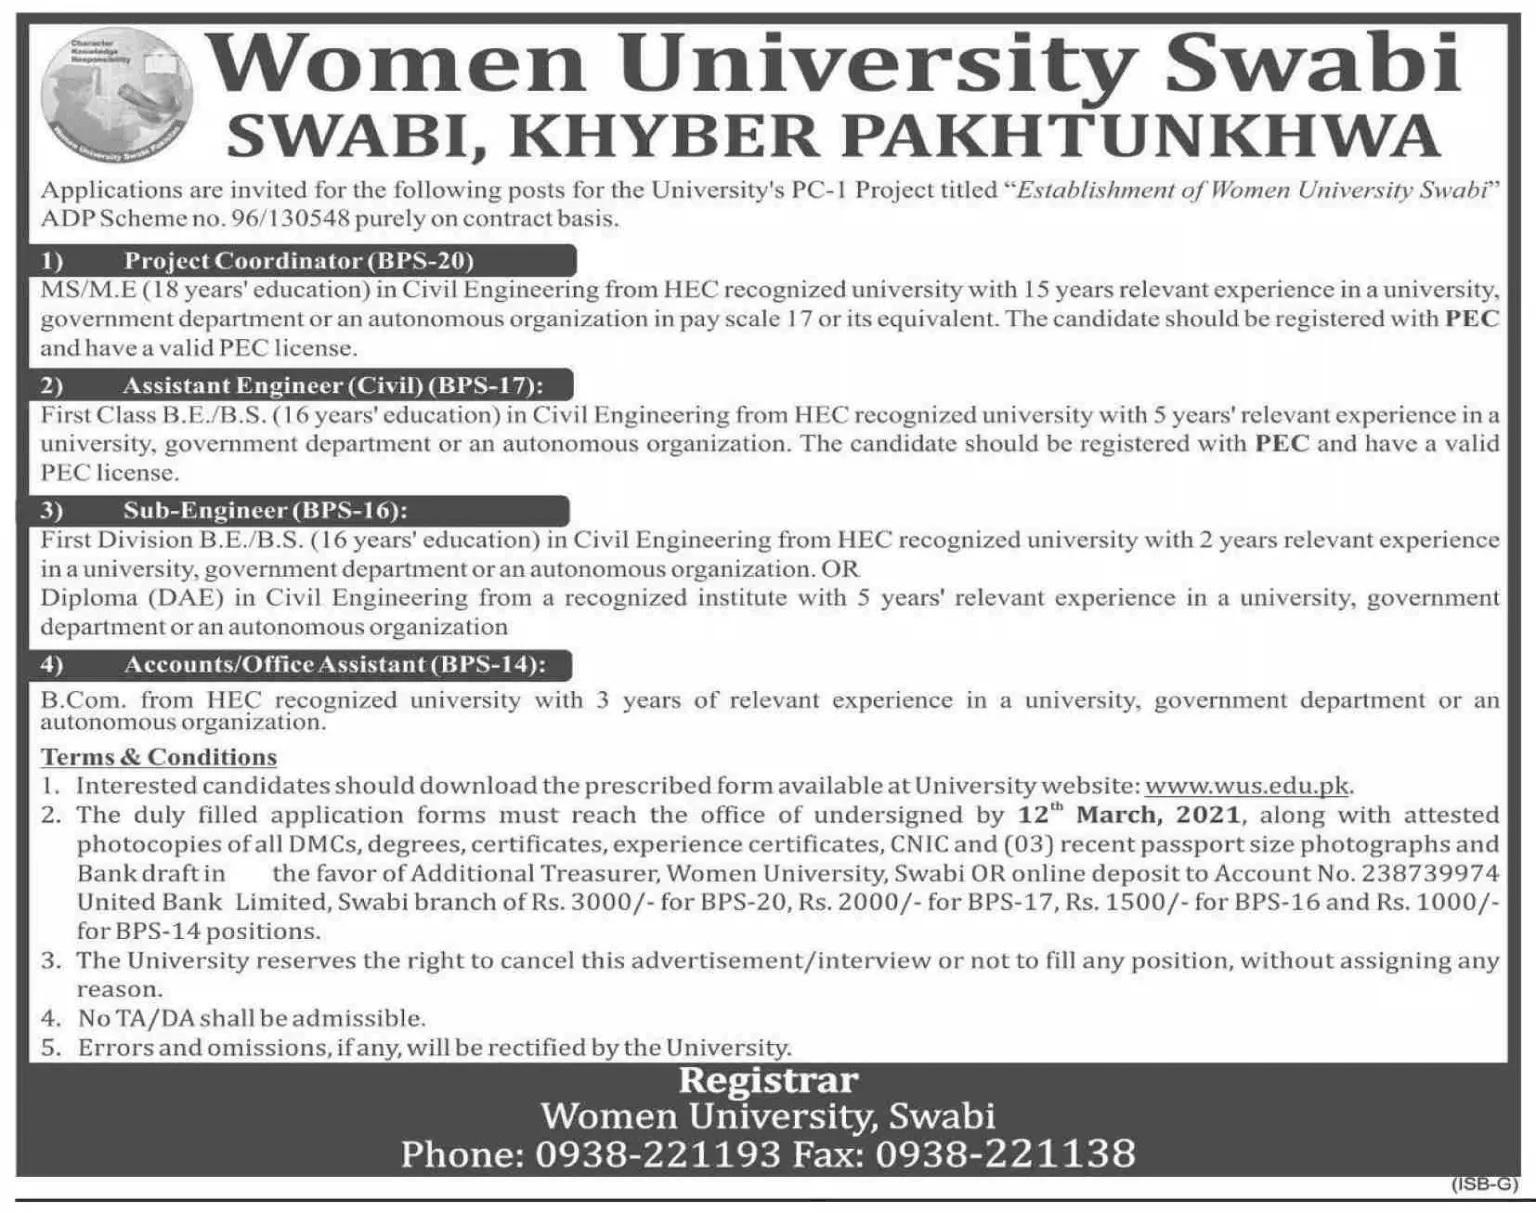 Women University Swabi WUS Jobs Today KPK Govt Jobs